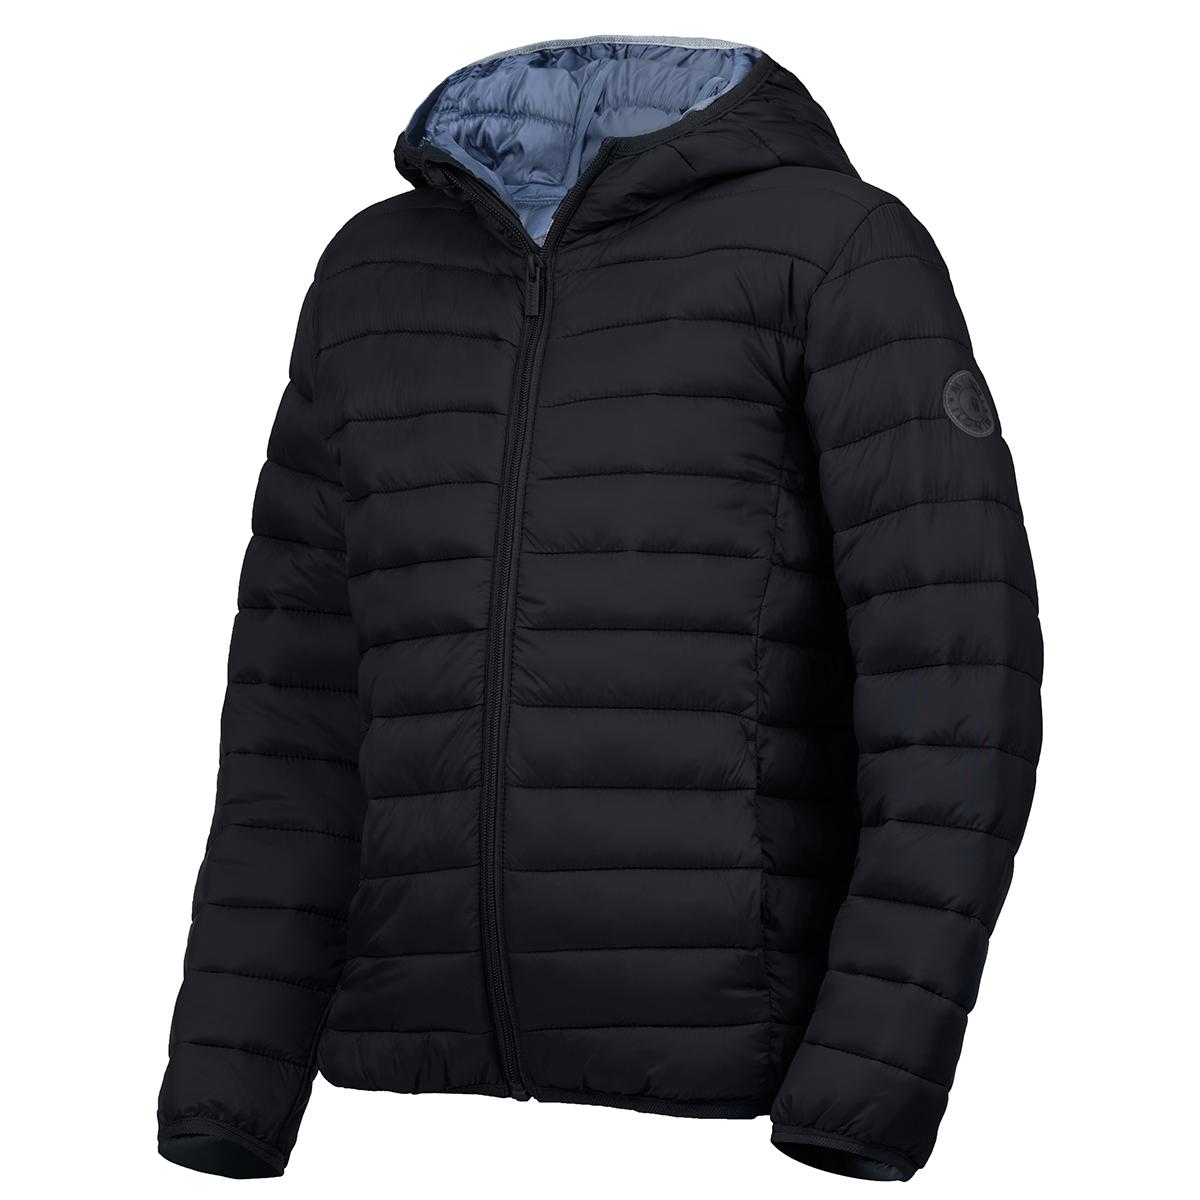 Minoti Big Boys' Basic Puffa Jacket - Black, 3-4